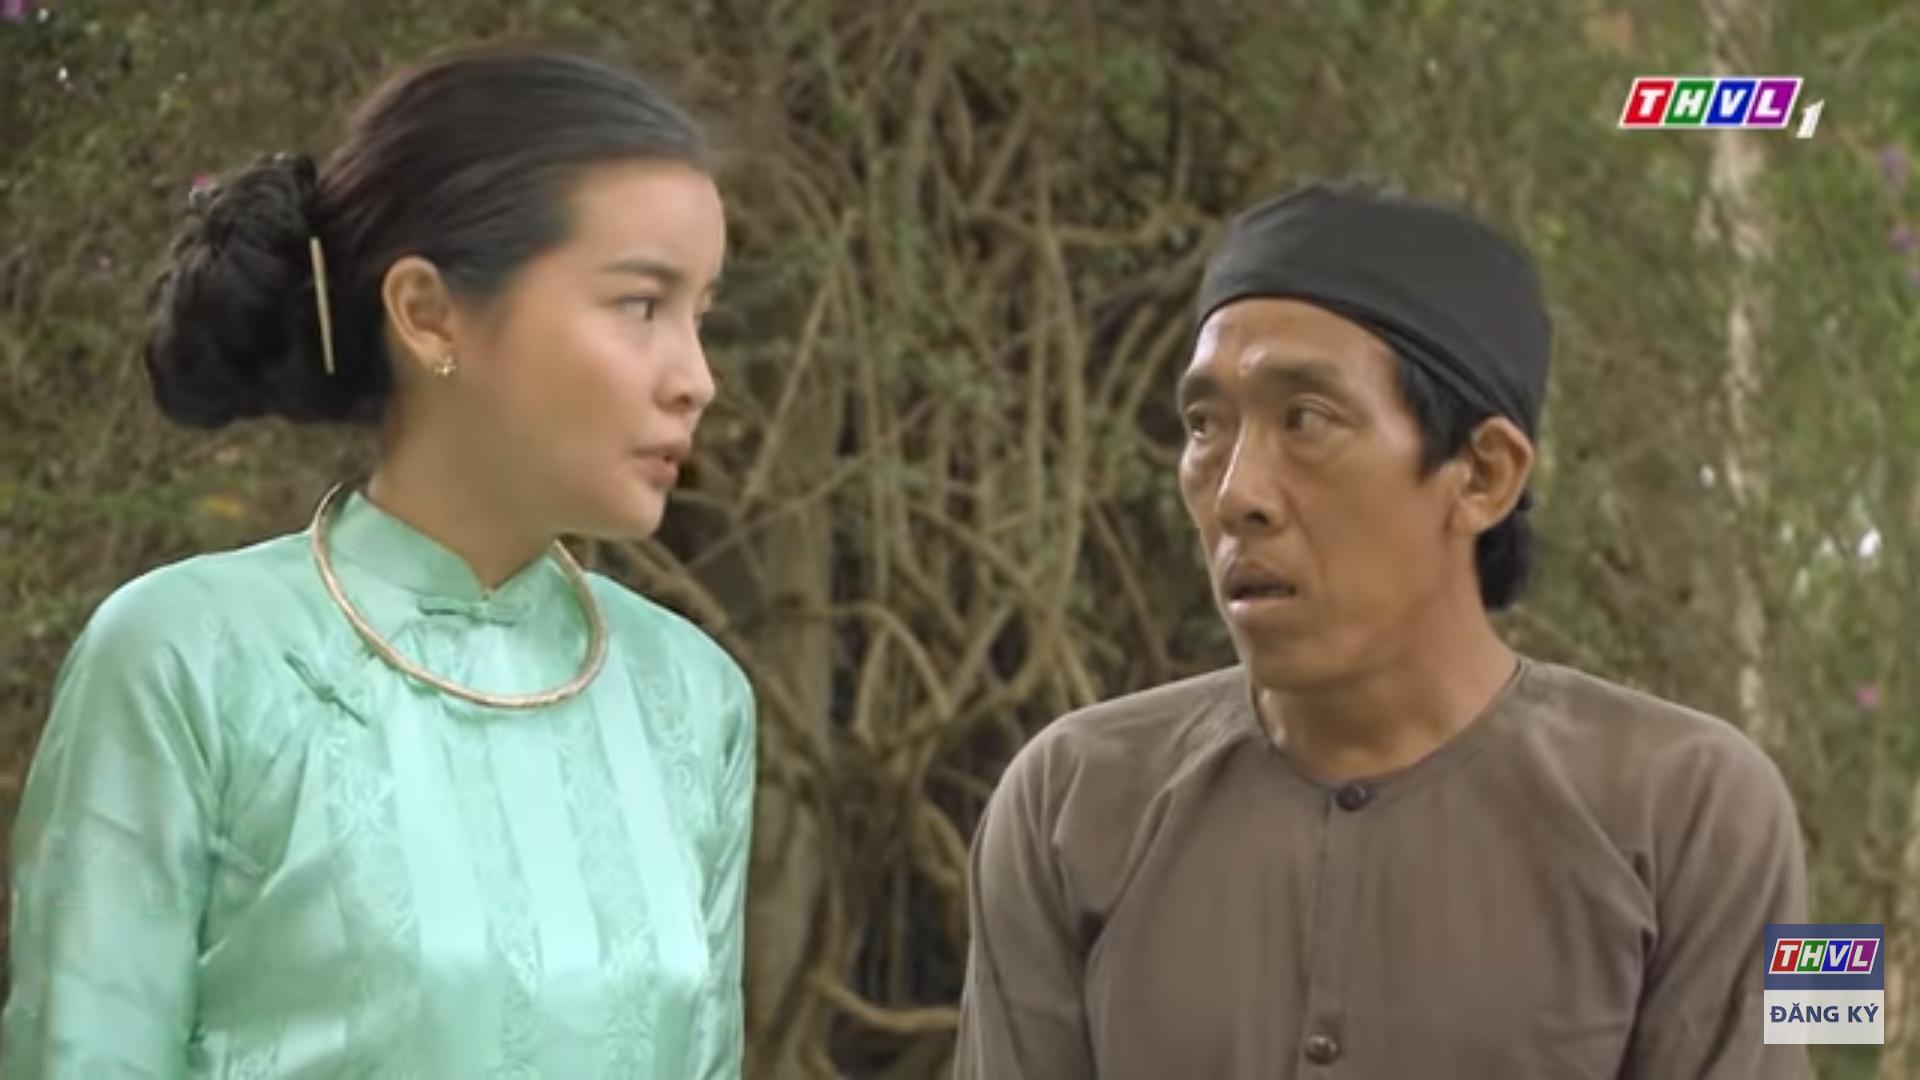 'Tiếng sét trong mưa' trailer tập 42: Hai Sáng lại 'tạo nghiệp' mới, sát hại chồng bà Lẫm vì bị dằn mặt? 6